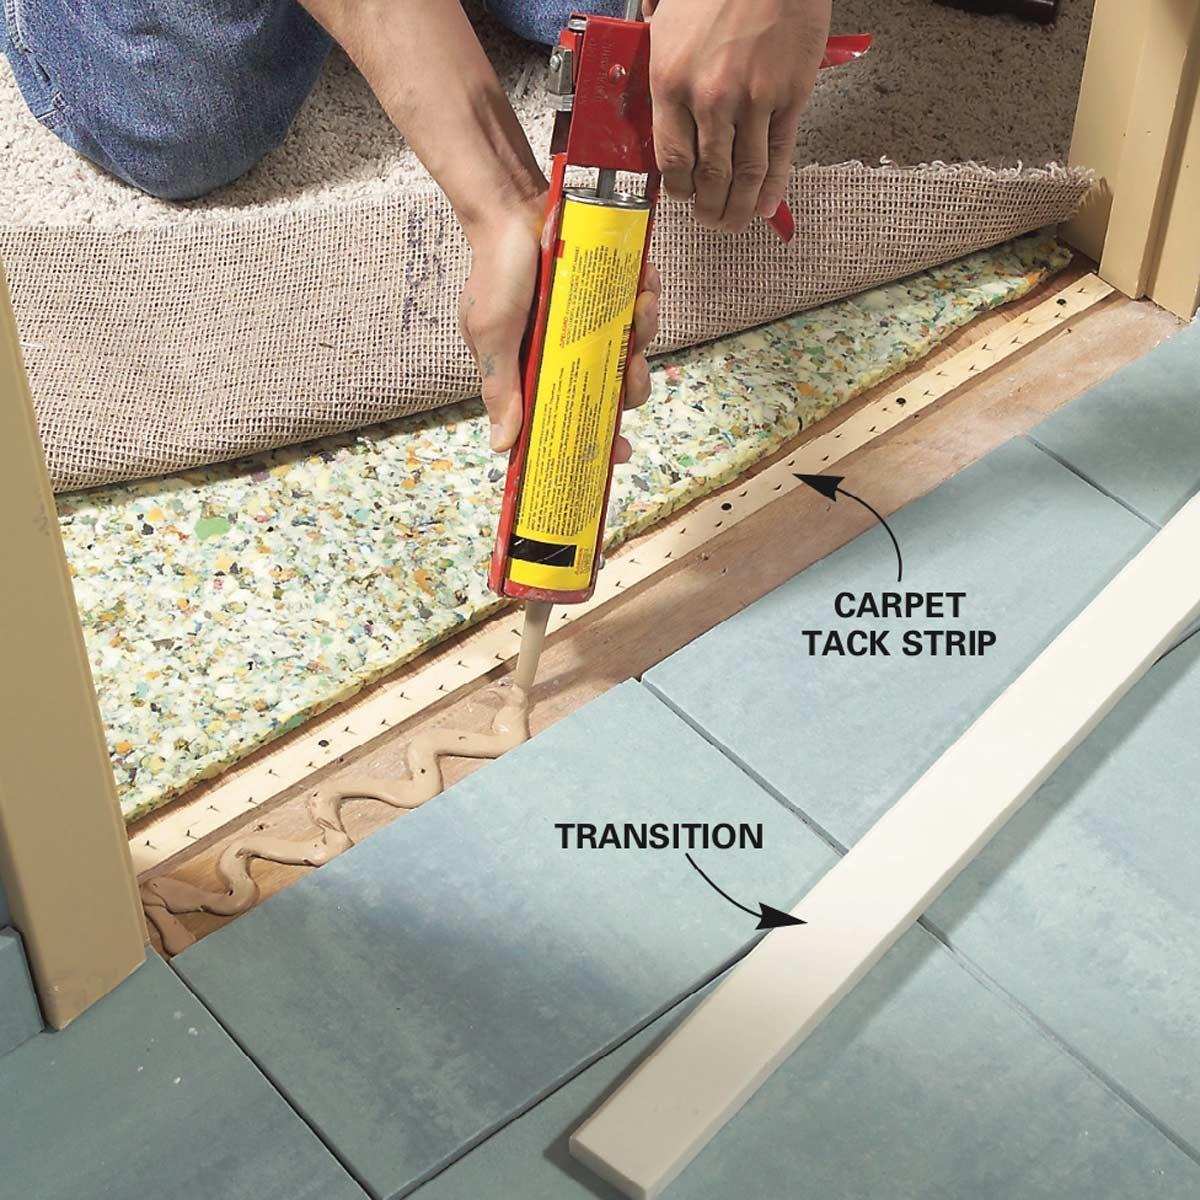 How To Install Ceramic Tile Floor In The Bathroom Installing Tile Floor Ceramic Floor Tiles Tile Floor Diy